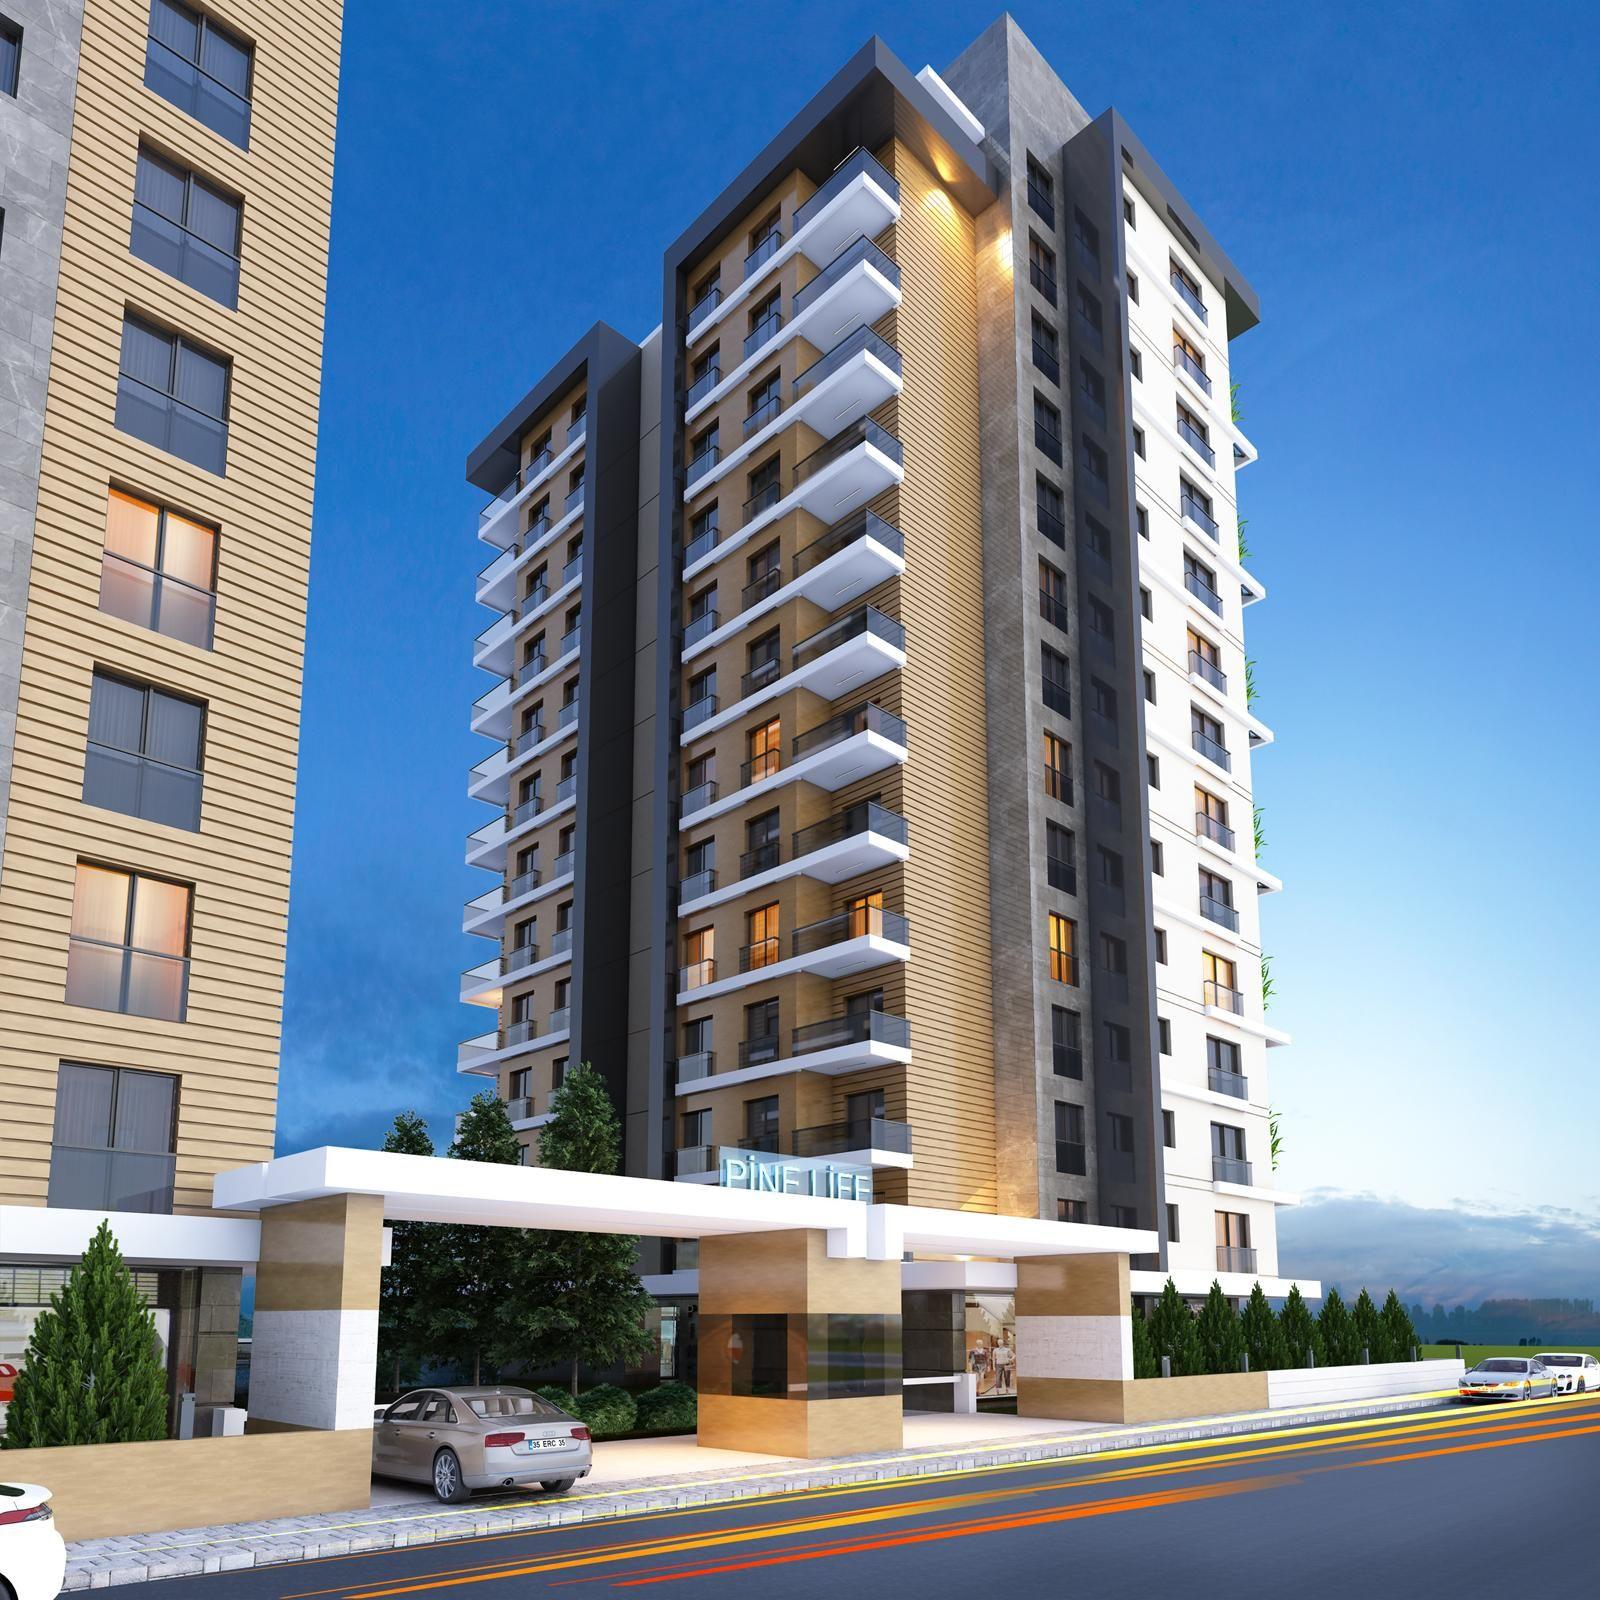 Mimarl k mimari d cephe tasar m 3d building for Batiment architectural